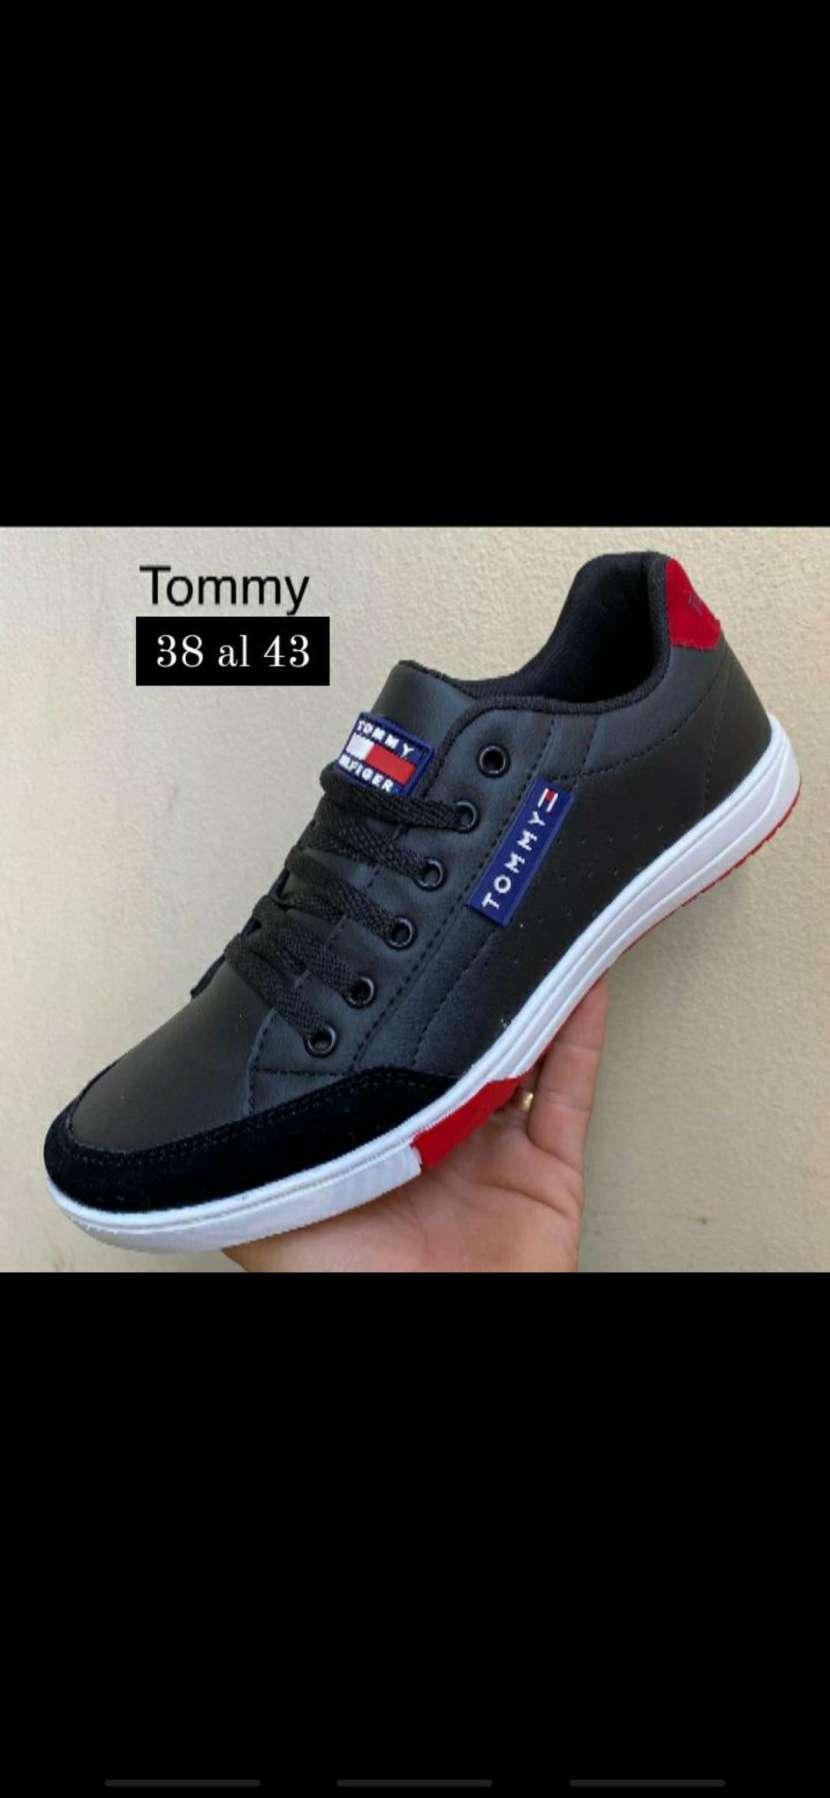 Calzado Tommy Hilfiger - 0